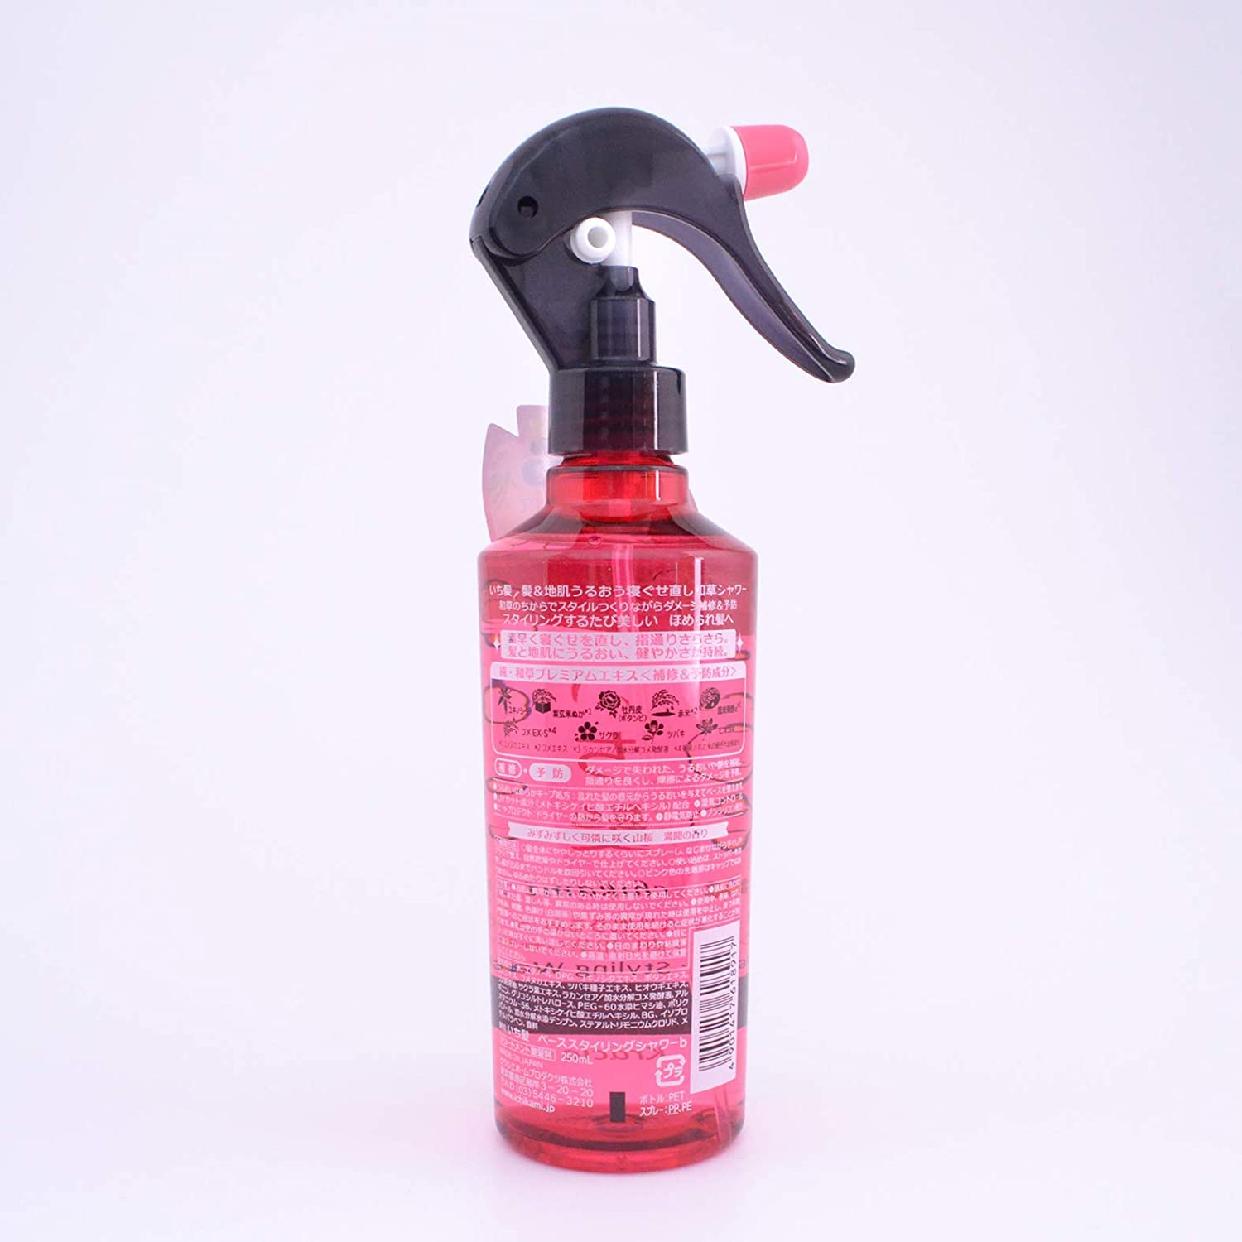 いち髪(ICHIKAMI) いち髪 髪&地肌うるおう寝ぐせ直し 和草シャワーの商品画像2